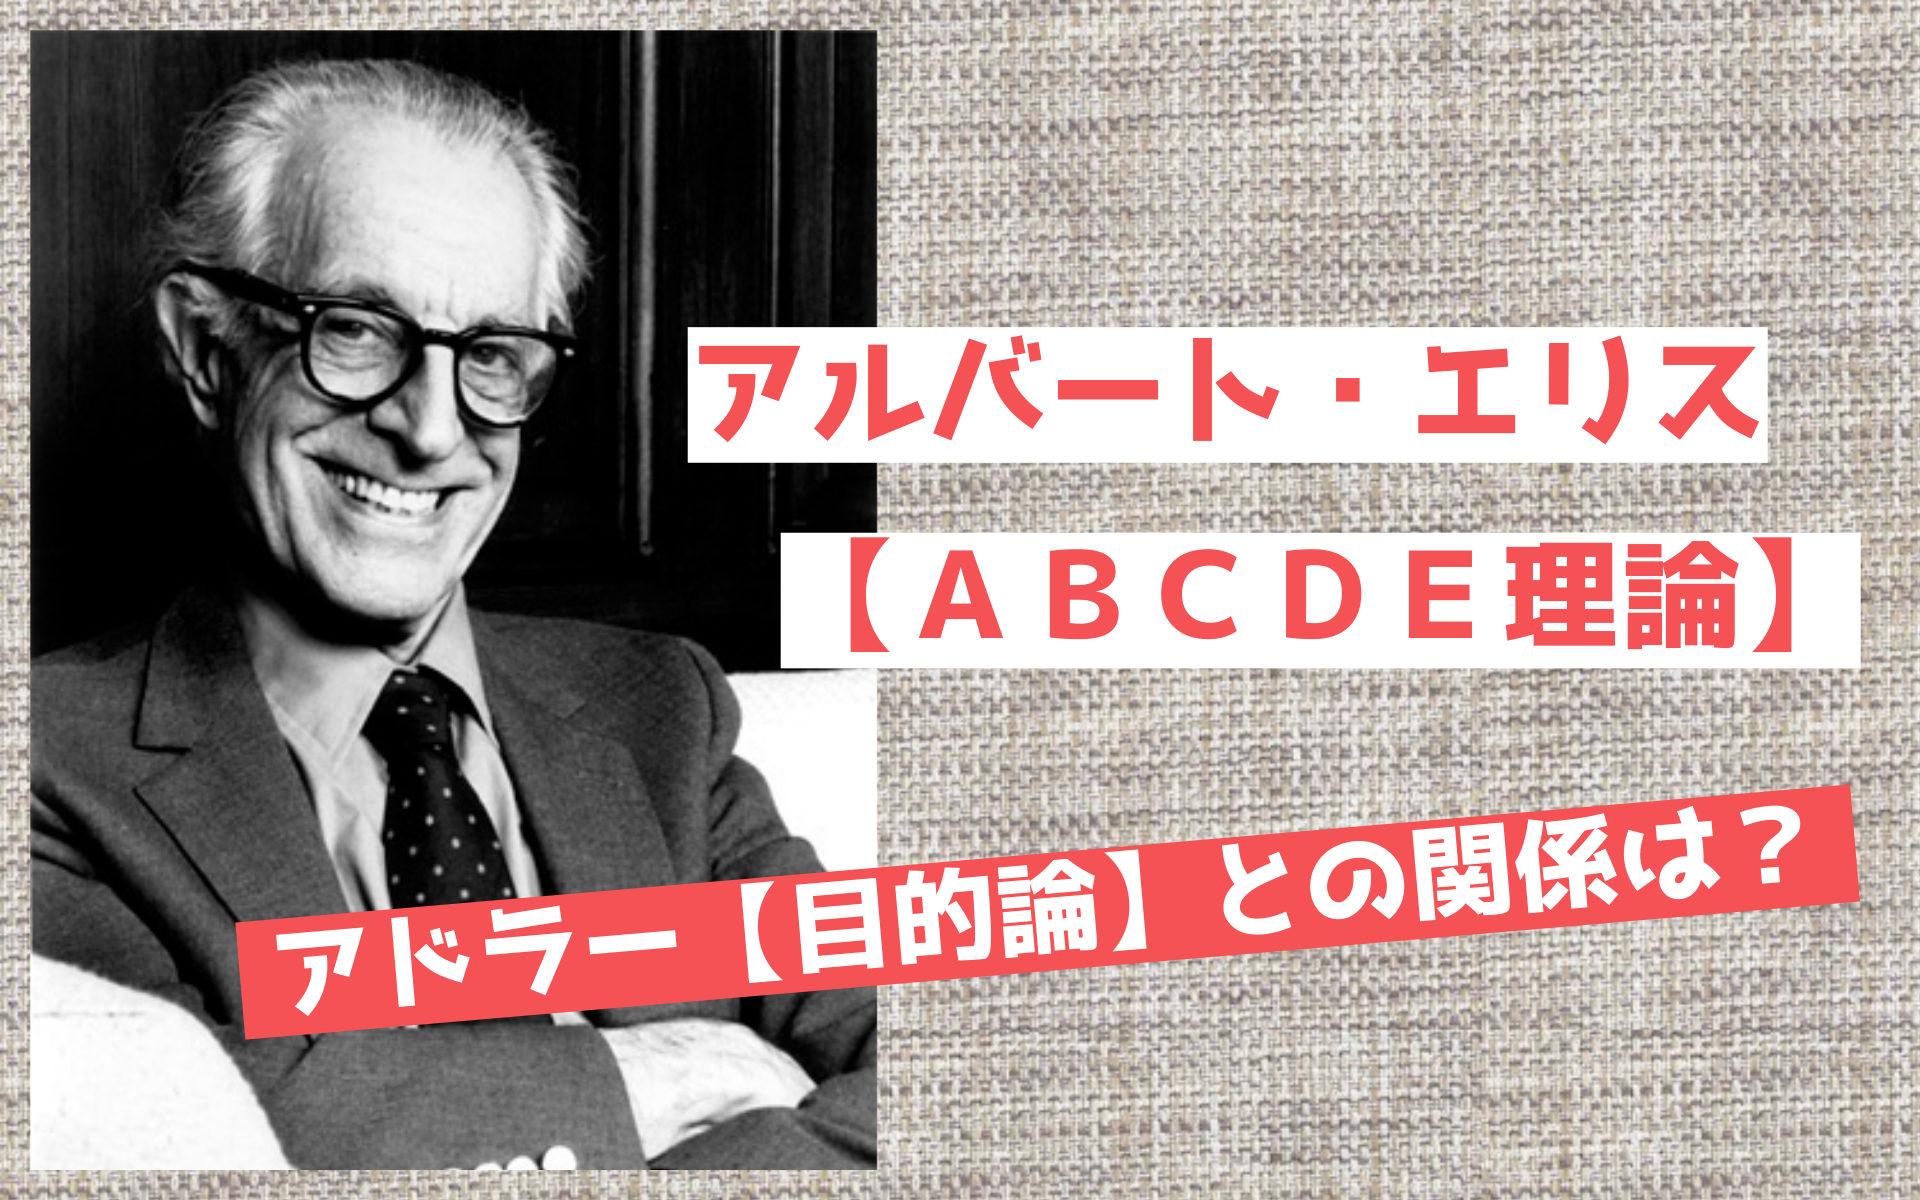 エリスの【ABC(DE)理論】を簡単解説 アドラーの目的論との関係性